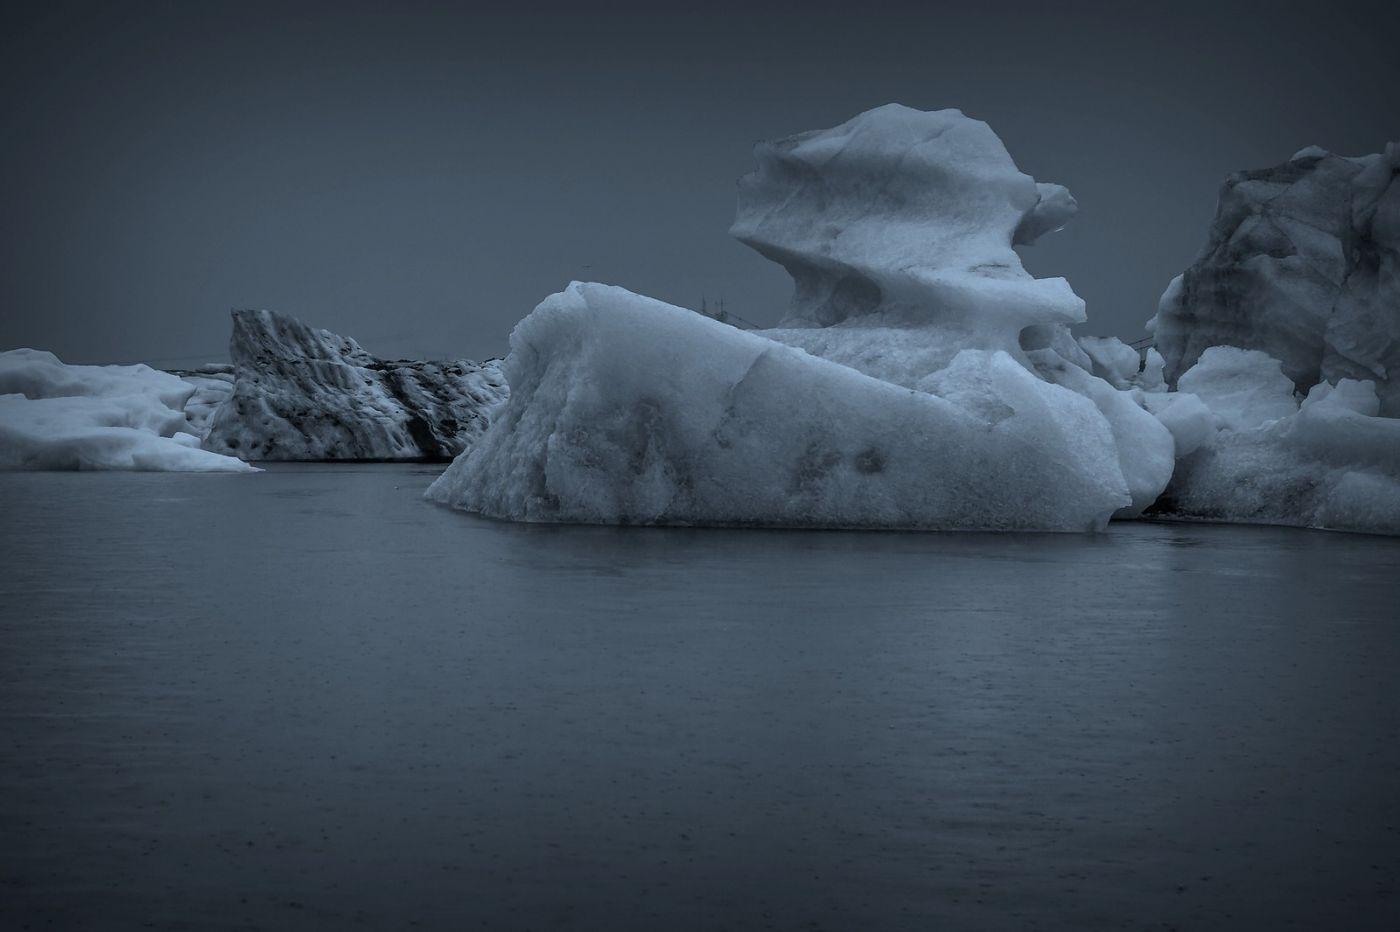 冰岛冰川泻湖(Glacier Lagoon), 湖面上冰川_图1-1